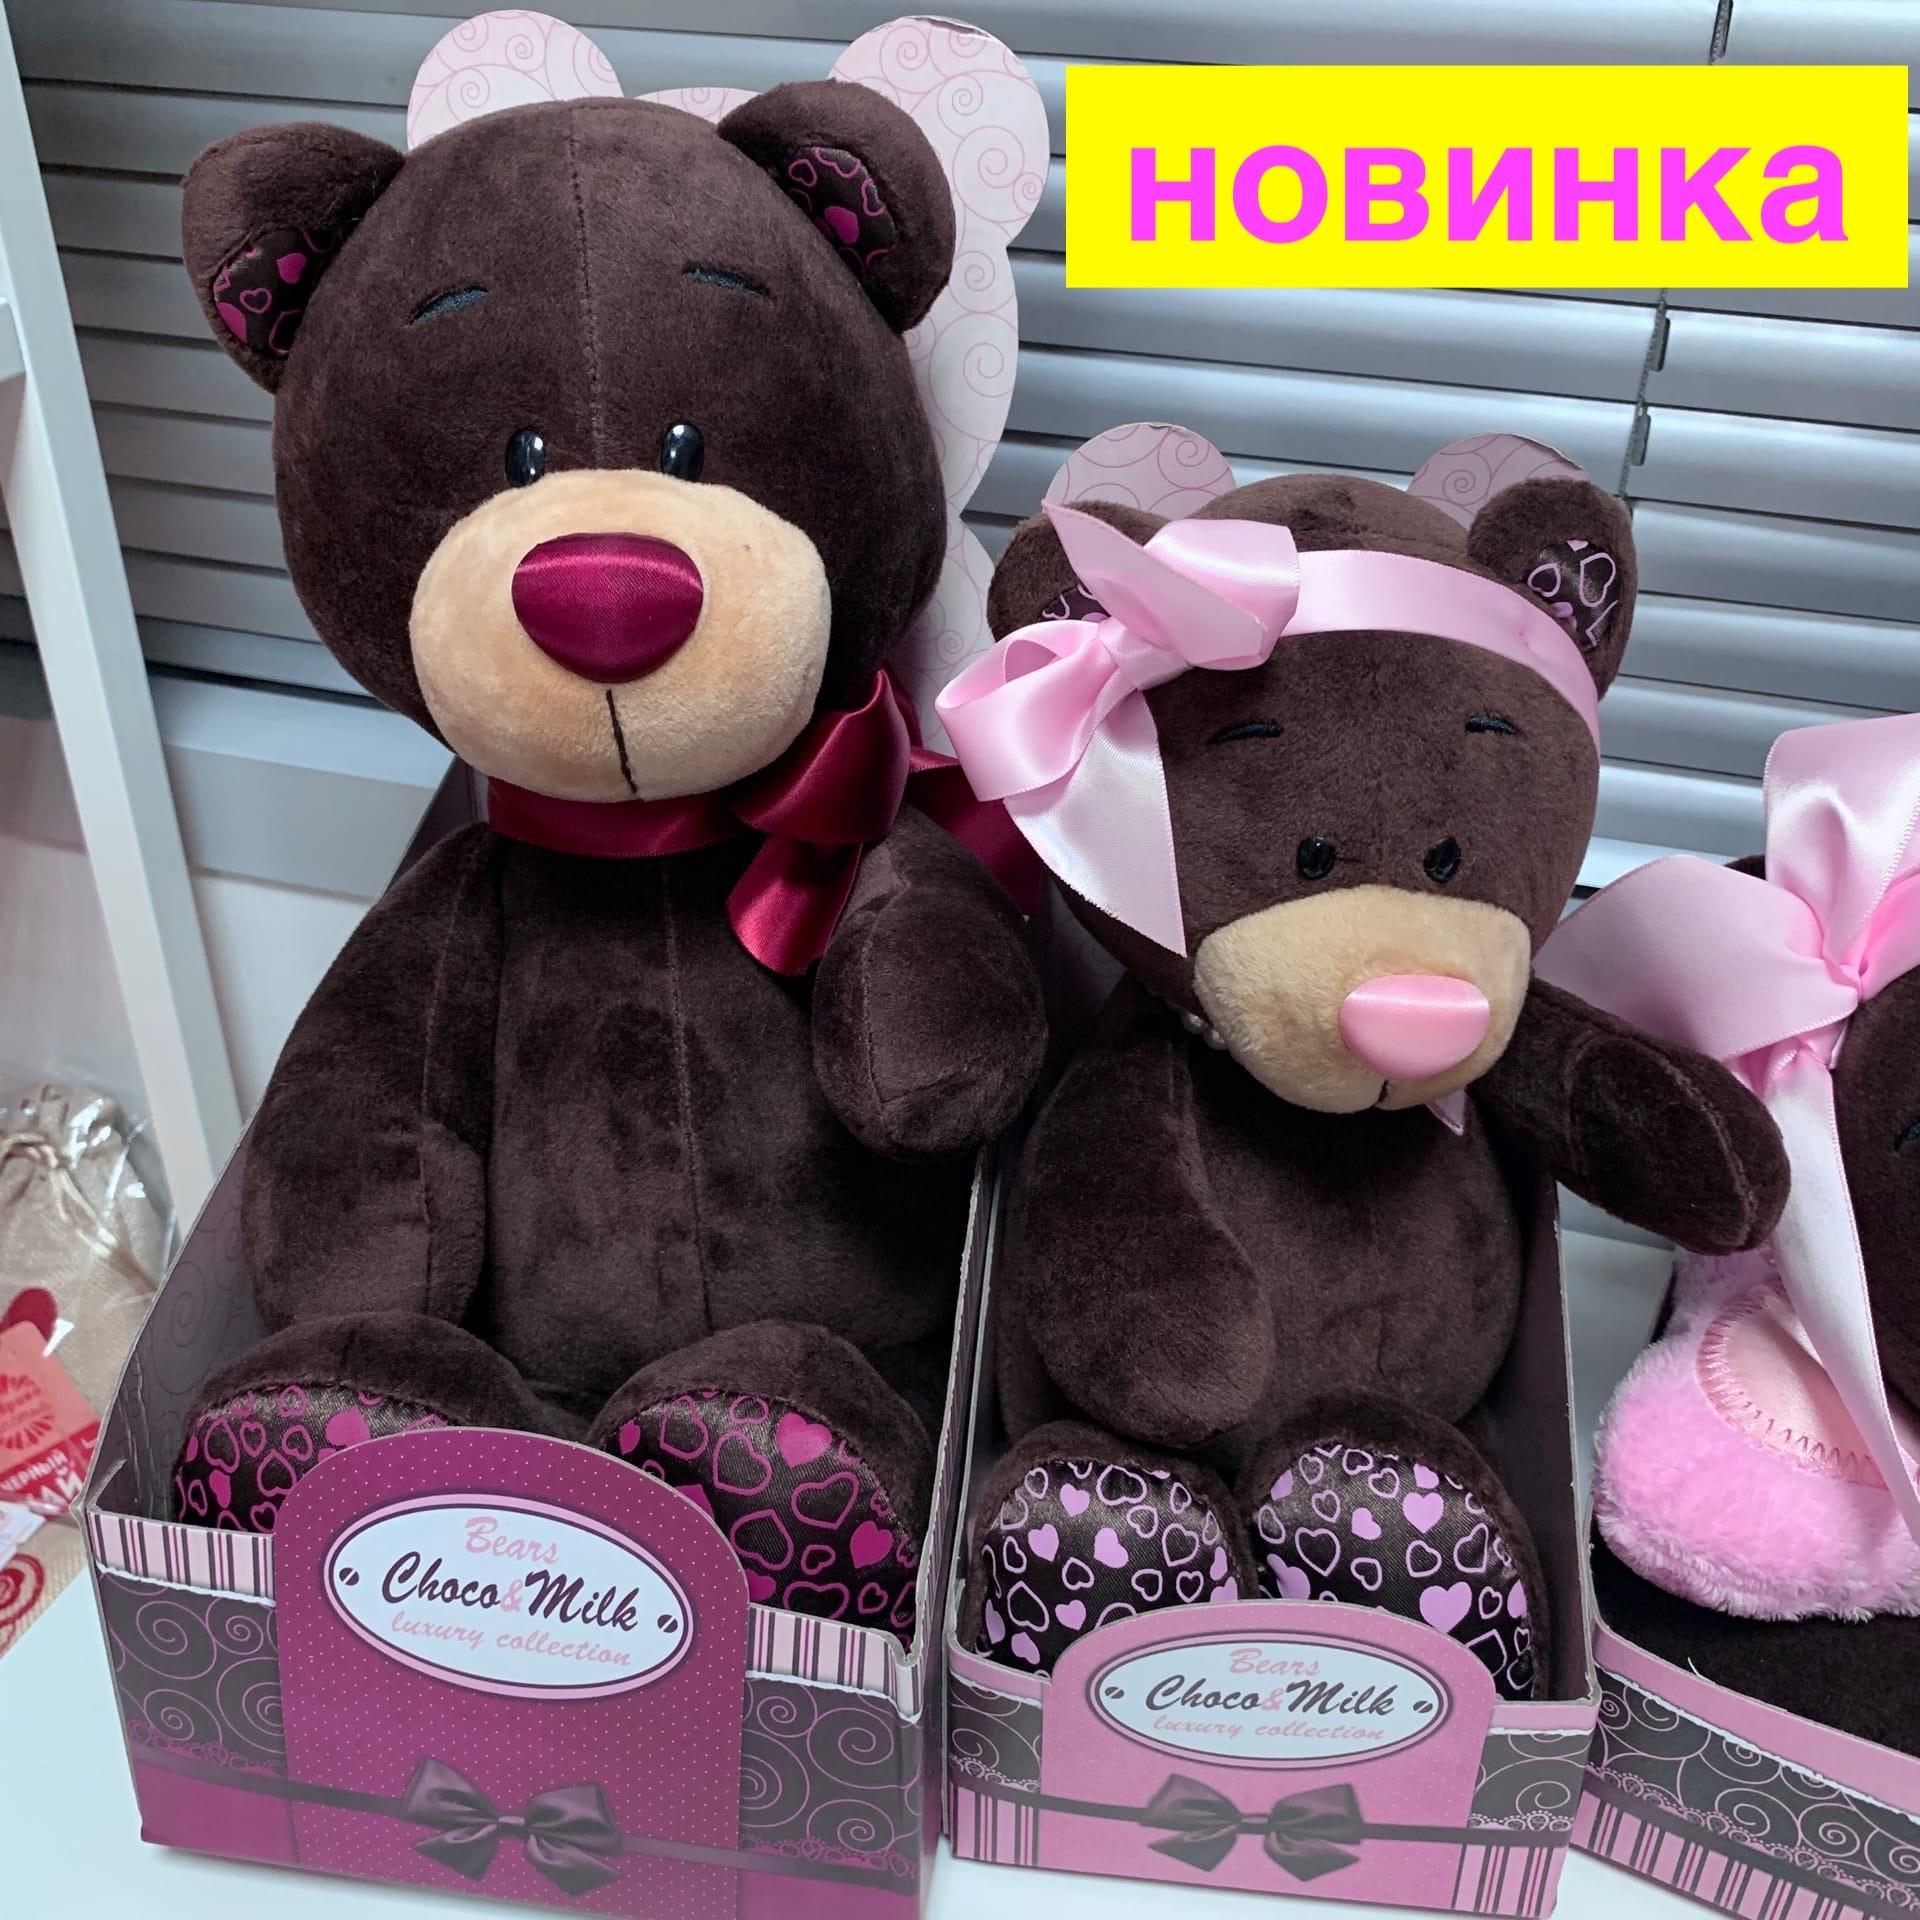 Милые мишки Choco&Milk - очаровательный подарок девушке на 14 февраля!